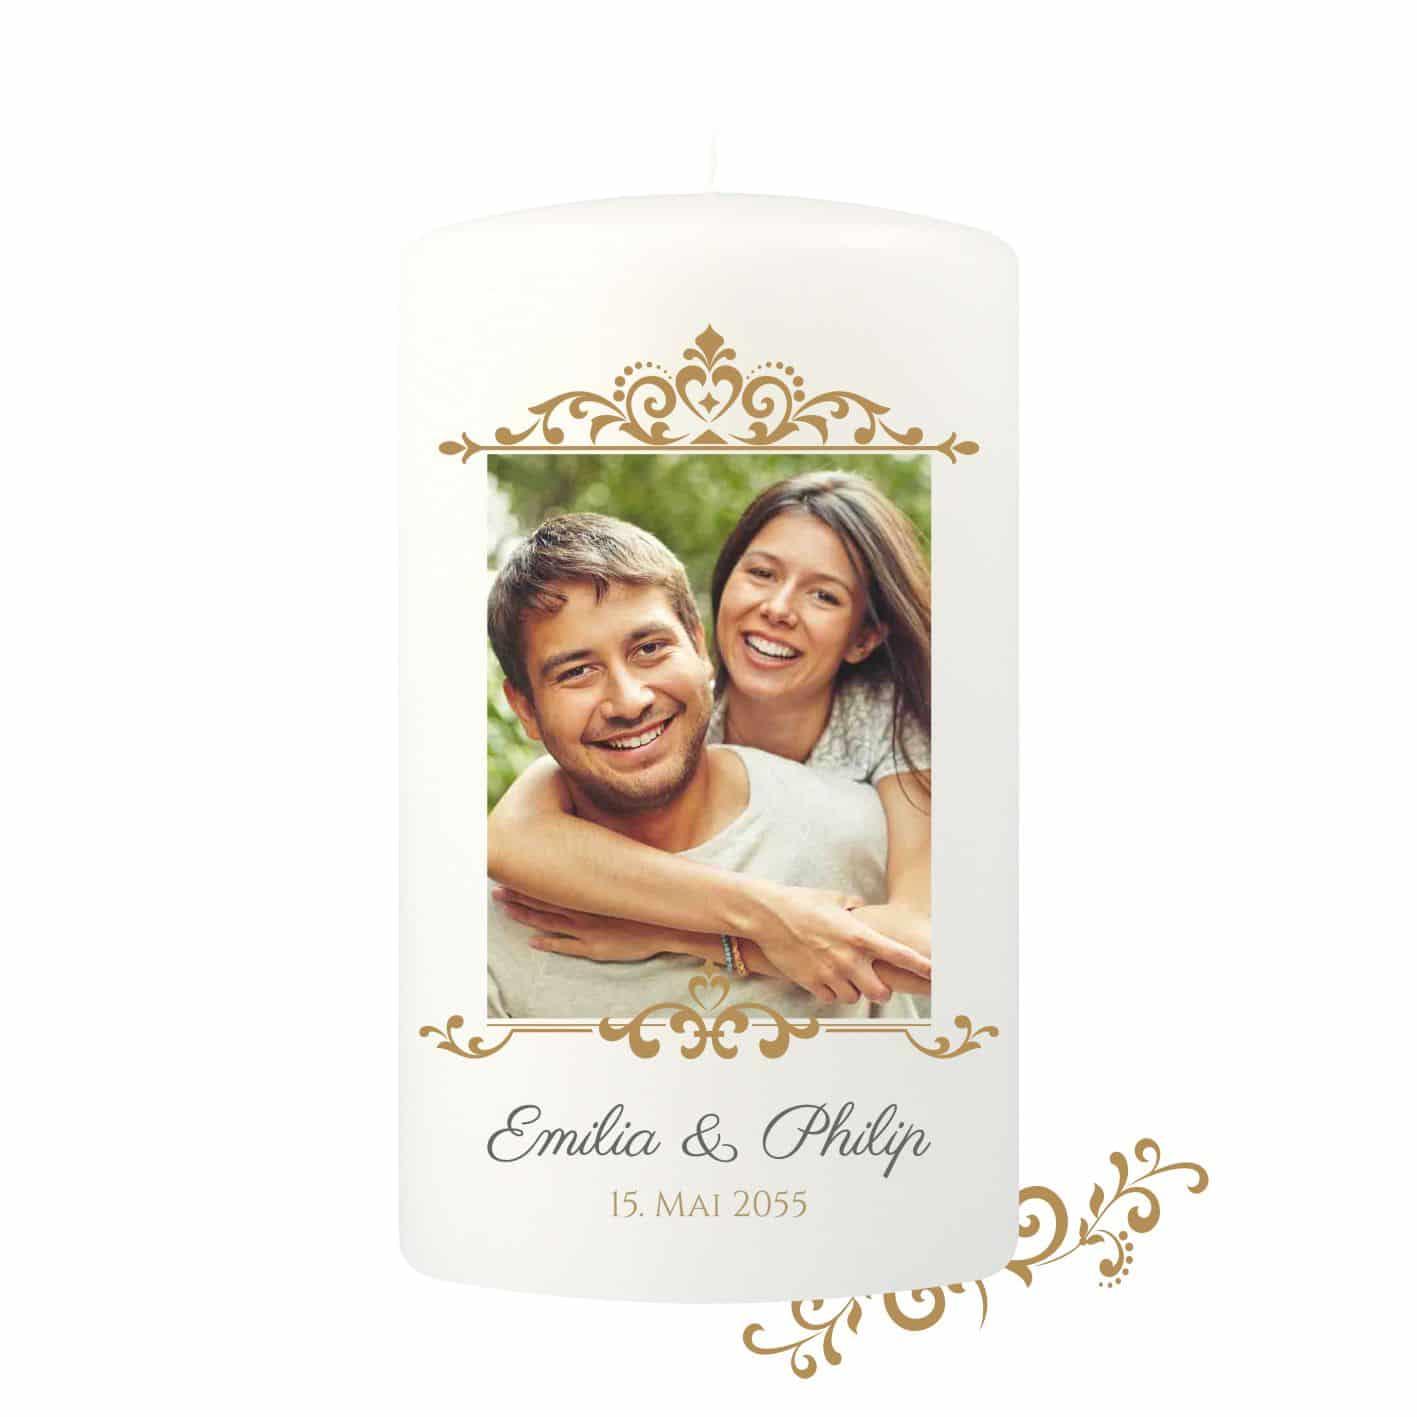 Große Hochzeitskerze individualisierbar mit edler Goldumrandung